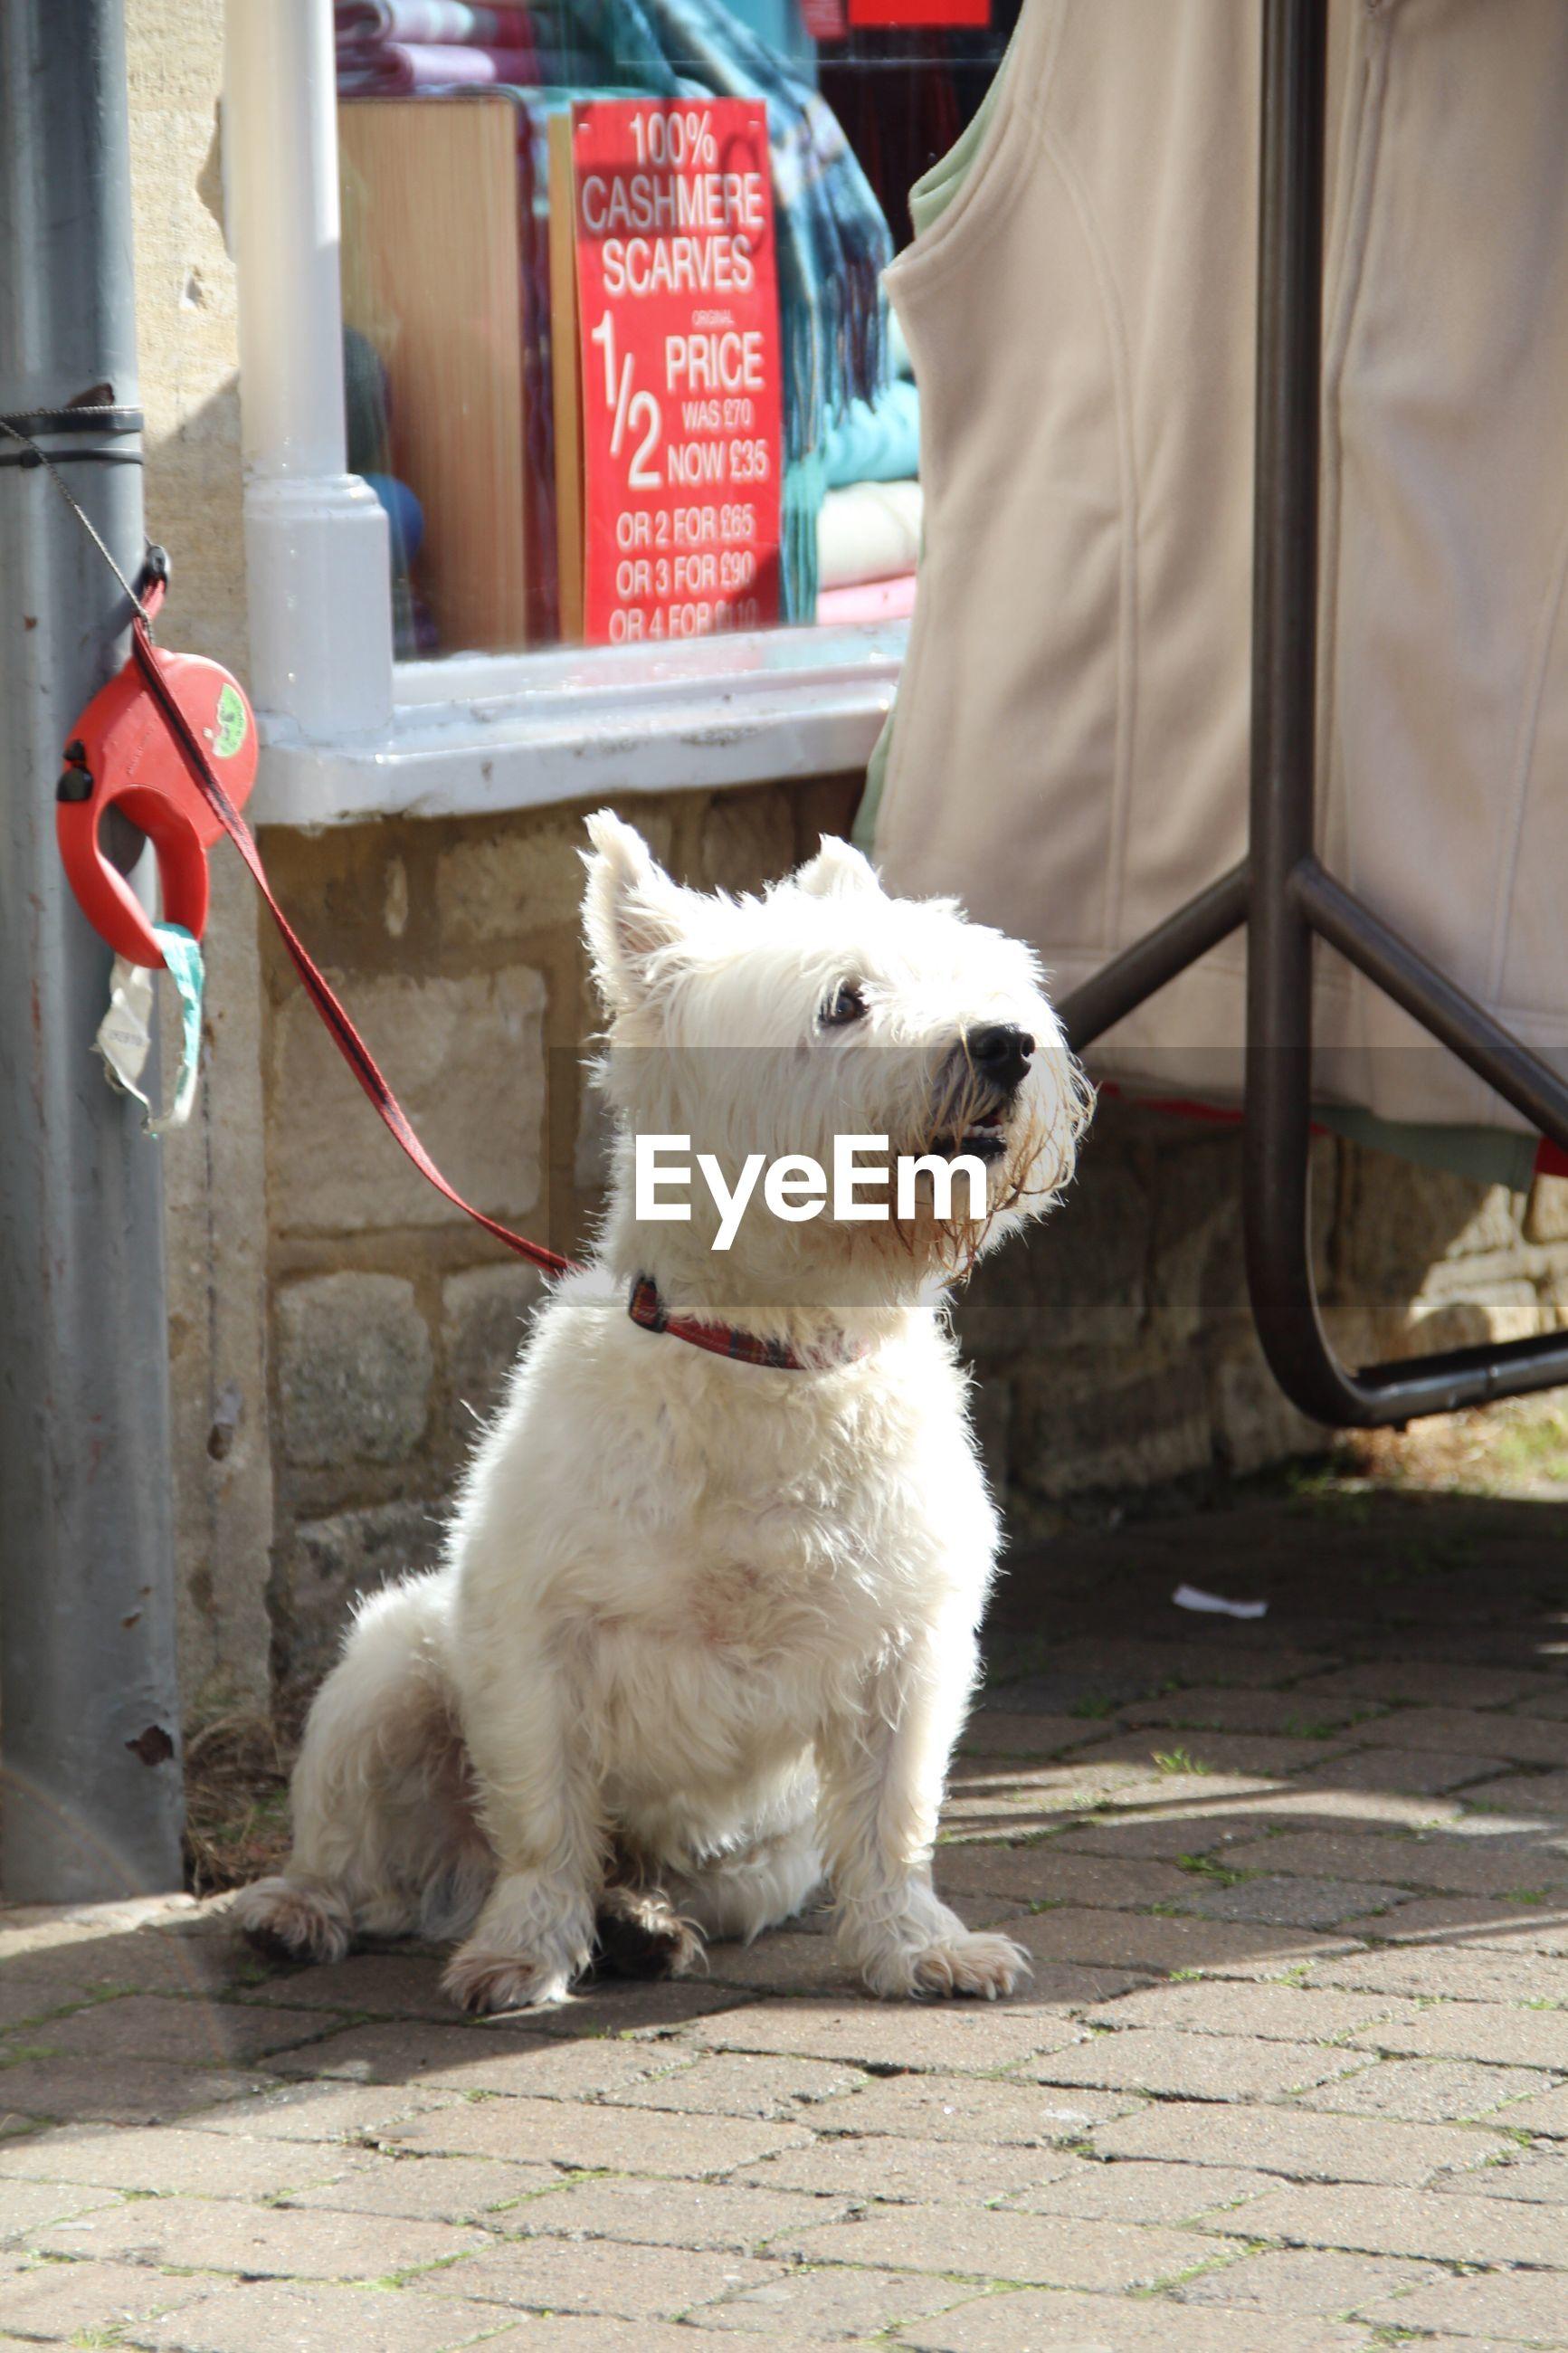 Dog sitting on sidewalk